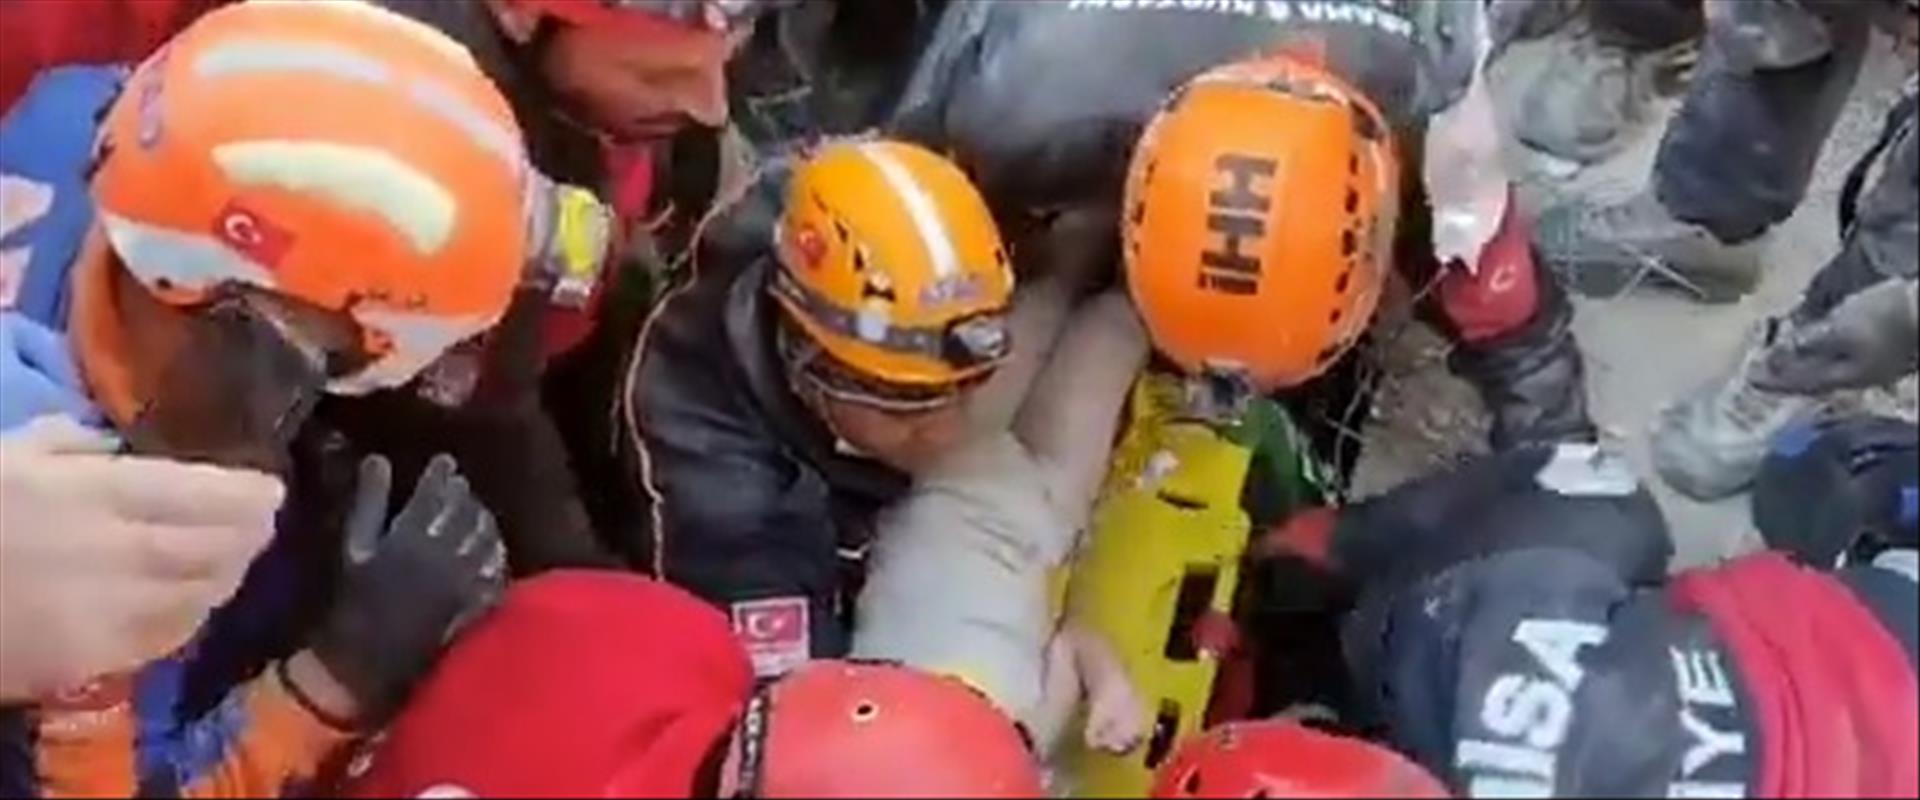 תיעוד חילוץ ילדה מהריסות רעידת האדמה בטורקיה